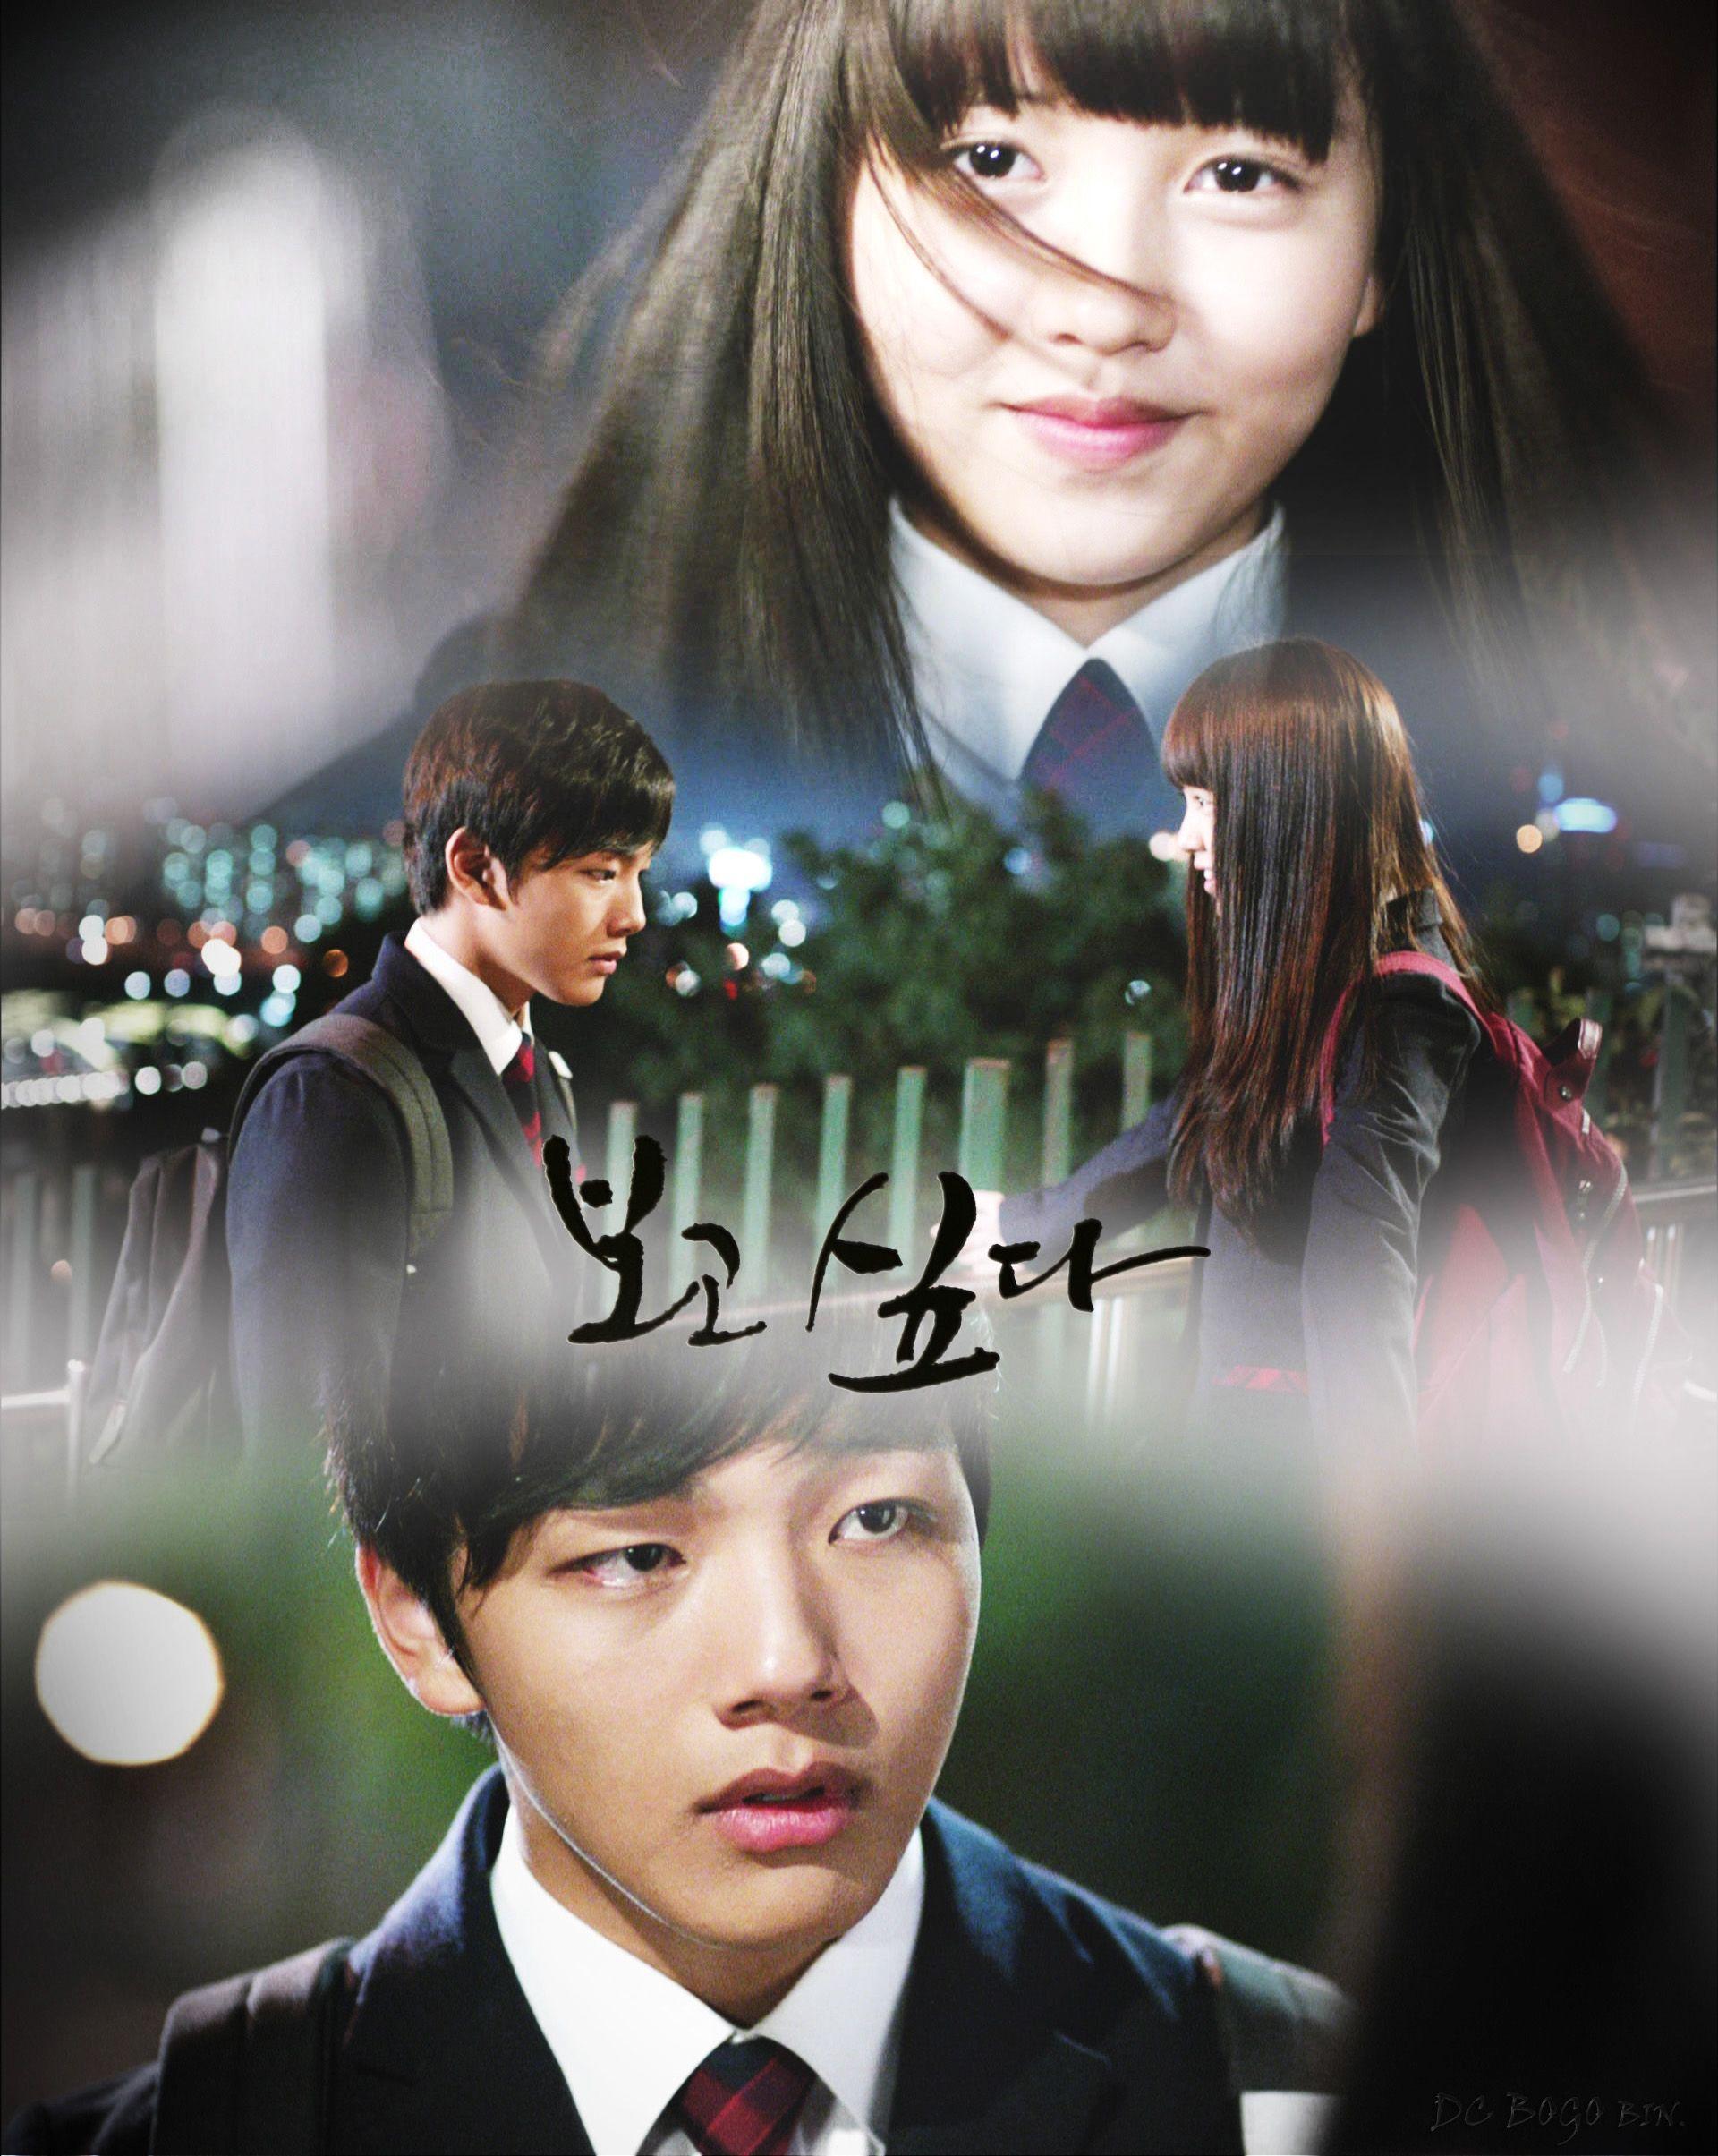 Pin On K Dramas K Movies Scenes Posters Troll Stills Screencaps Osts